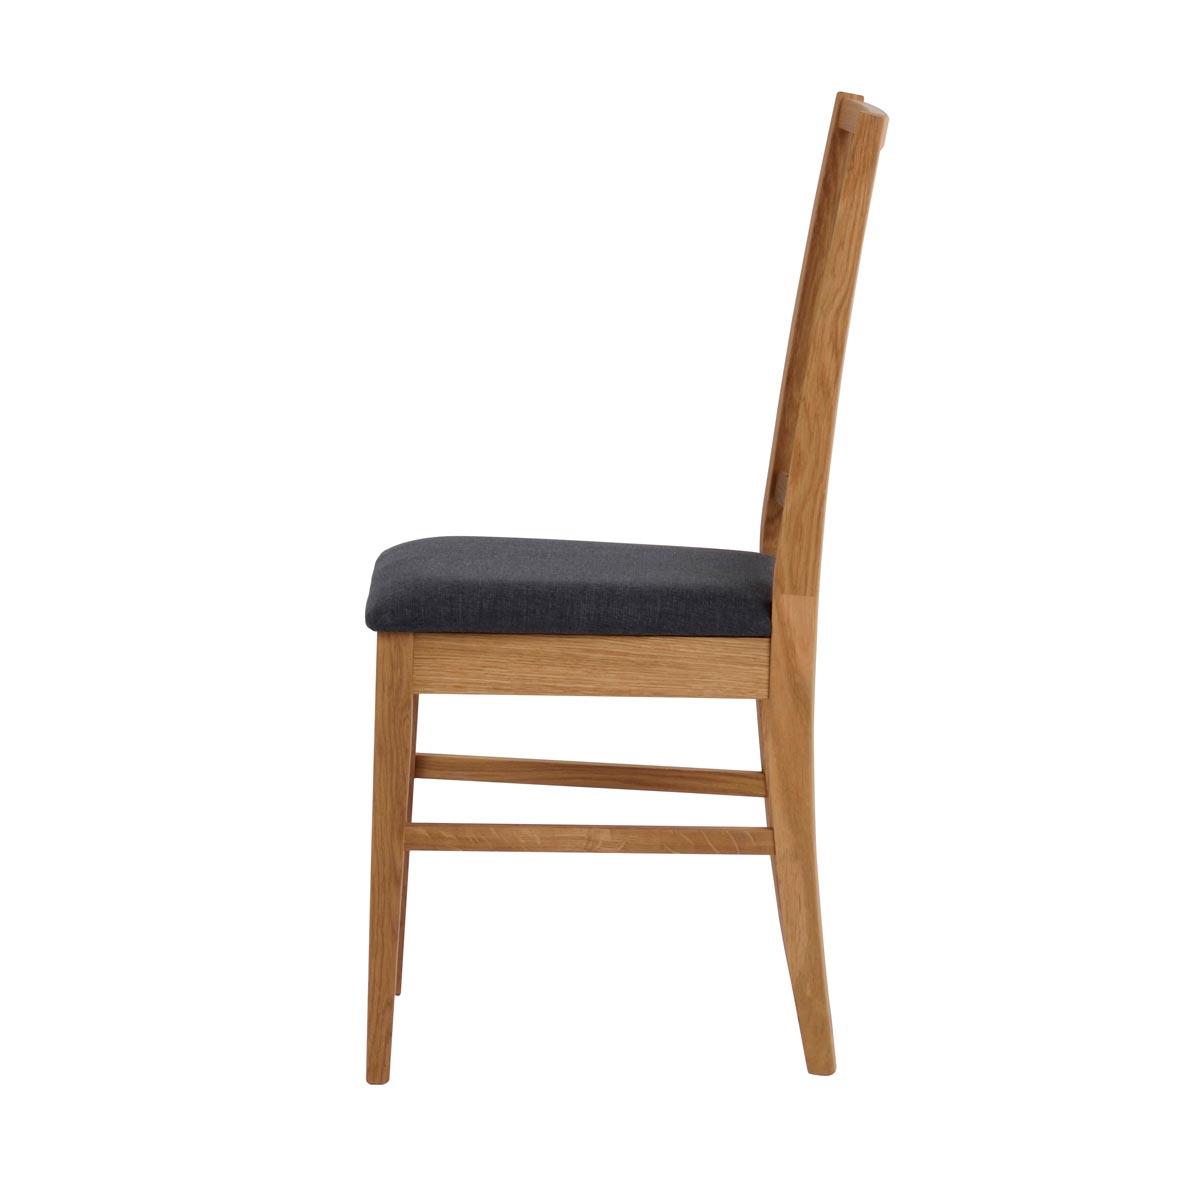 Vasa stol ek grå tygsits sida